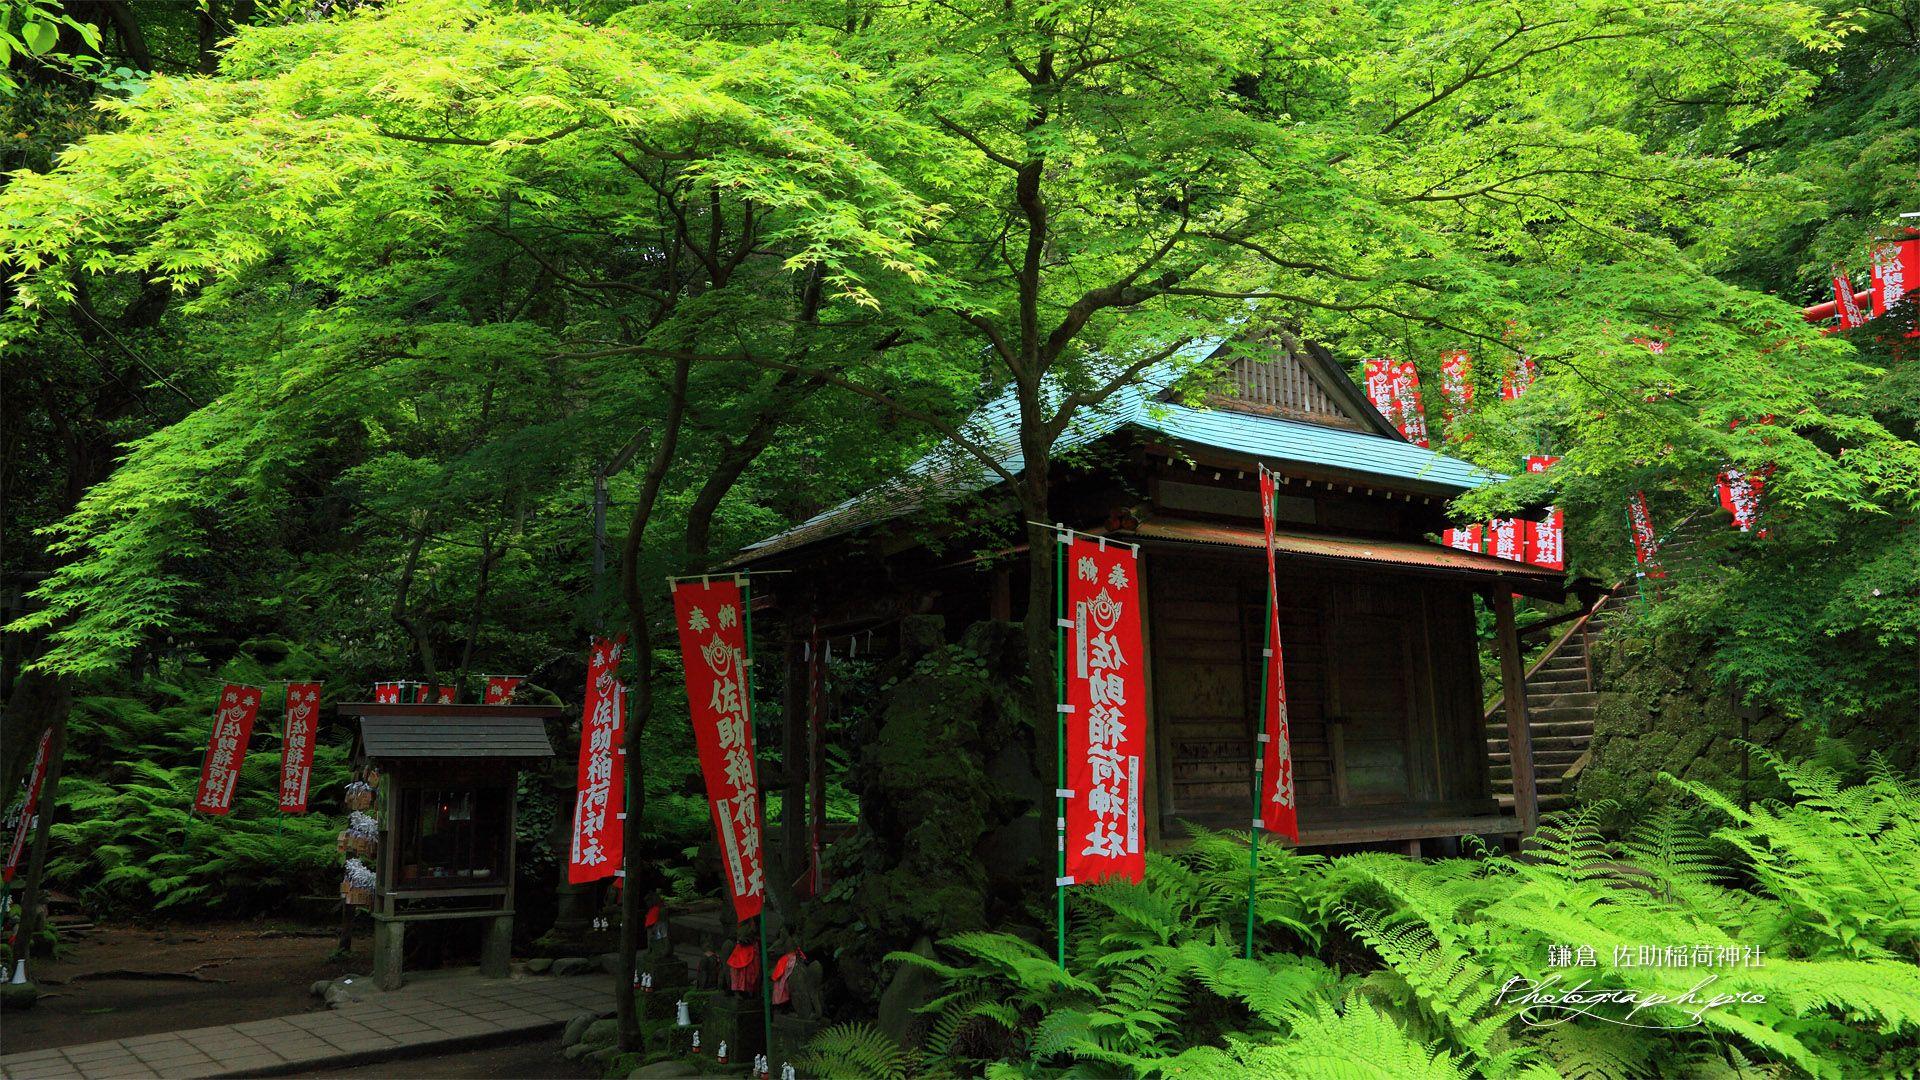 佐助稲荷神社 新緑の拝殿 の壁紙 1920x1080 Dengan Gambar